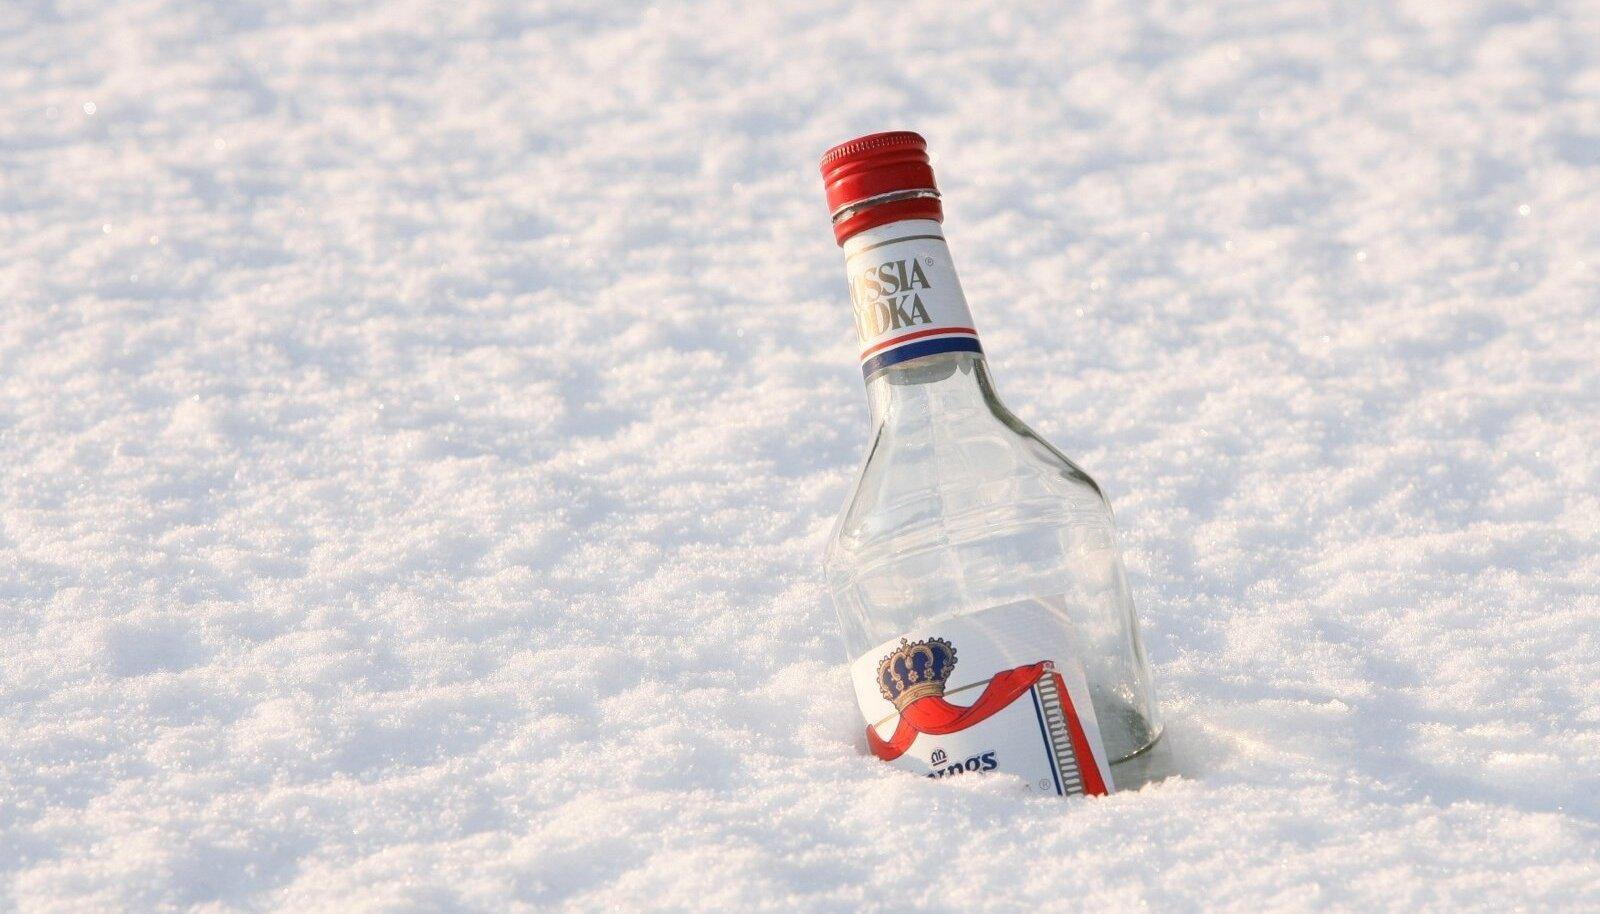 Laste turvakeskuse juht: alkoholimüügi piiramine on õige, sest alkotulekahju lõõmab praegu üle riigi